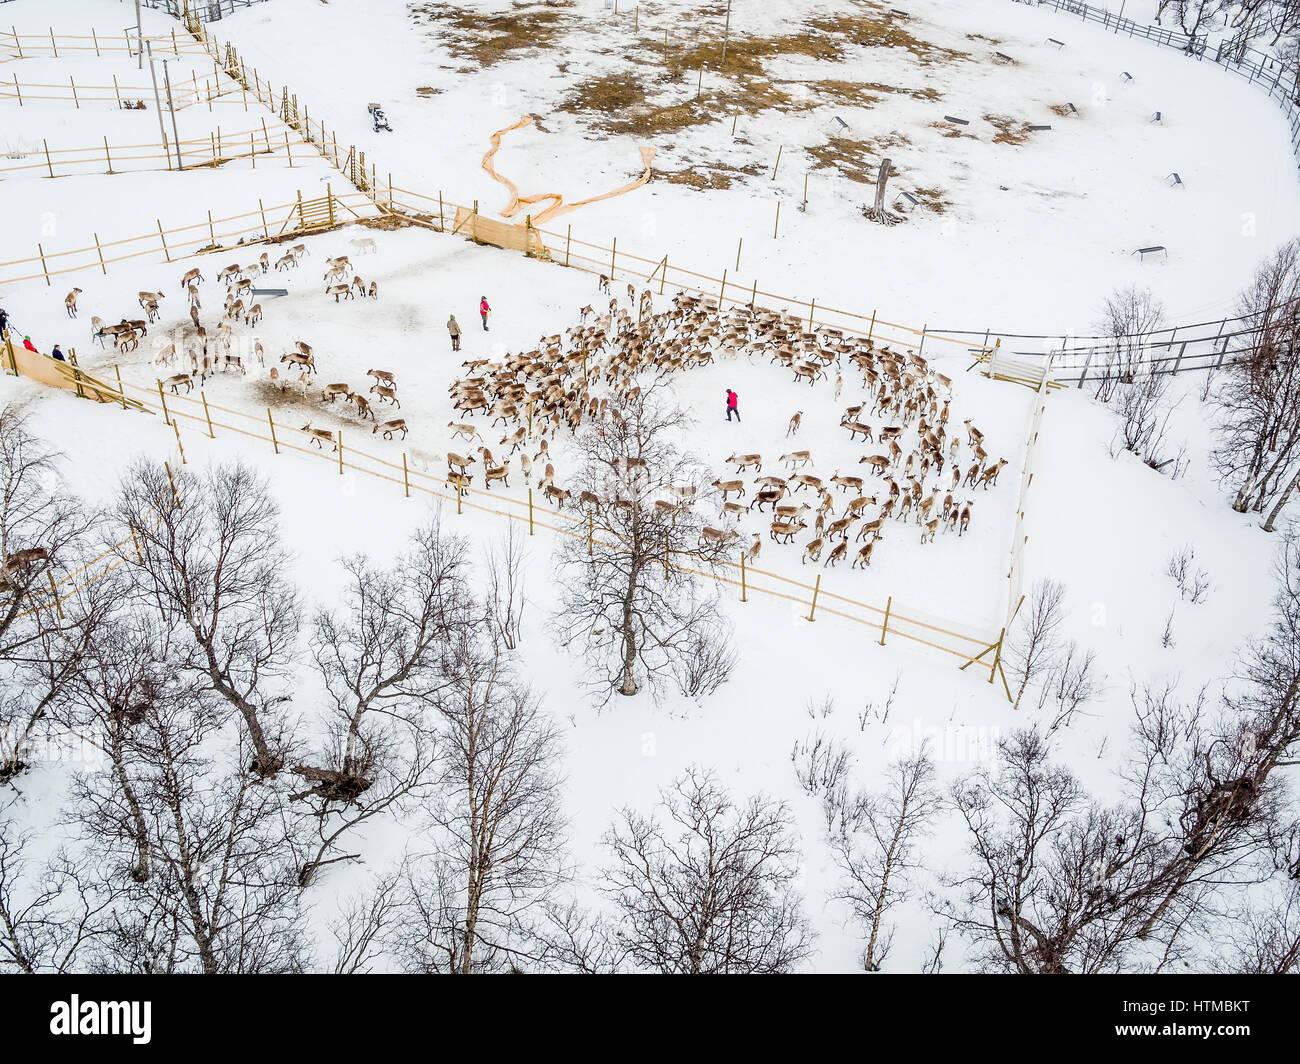 Reindeer herding, Laponian Area, Stora Sjofallet National Park, Lapland, Sweden. World heritiage Area. Stock Photo